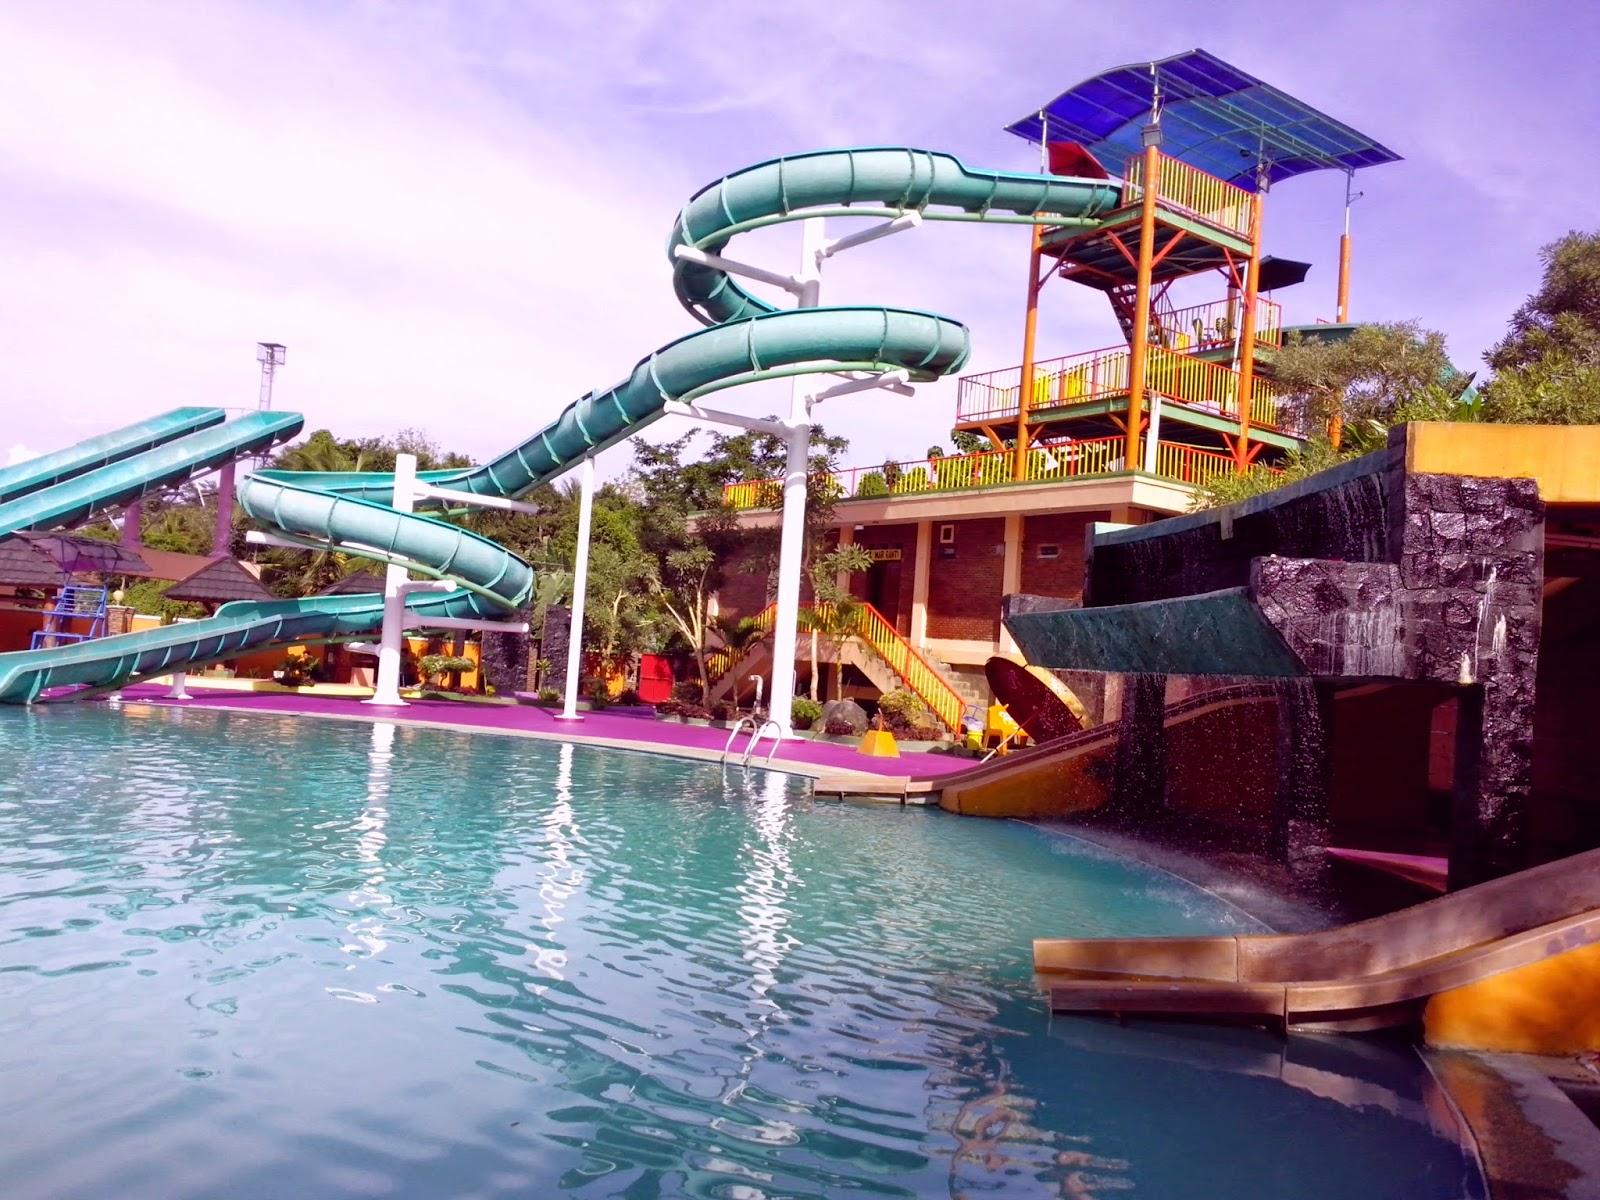 Lampung Traveller Objek Wisata Lembah Hijau Sepenggal Surga Menurut Irwan